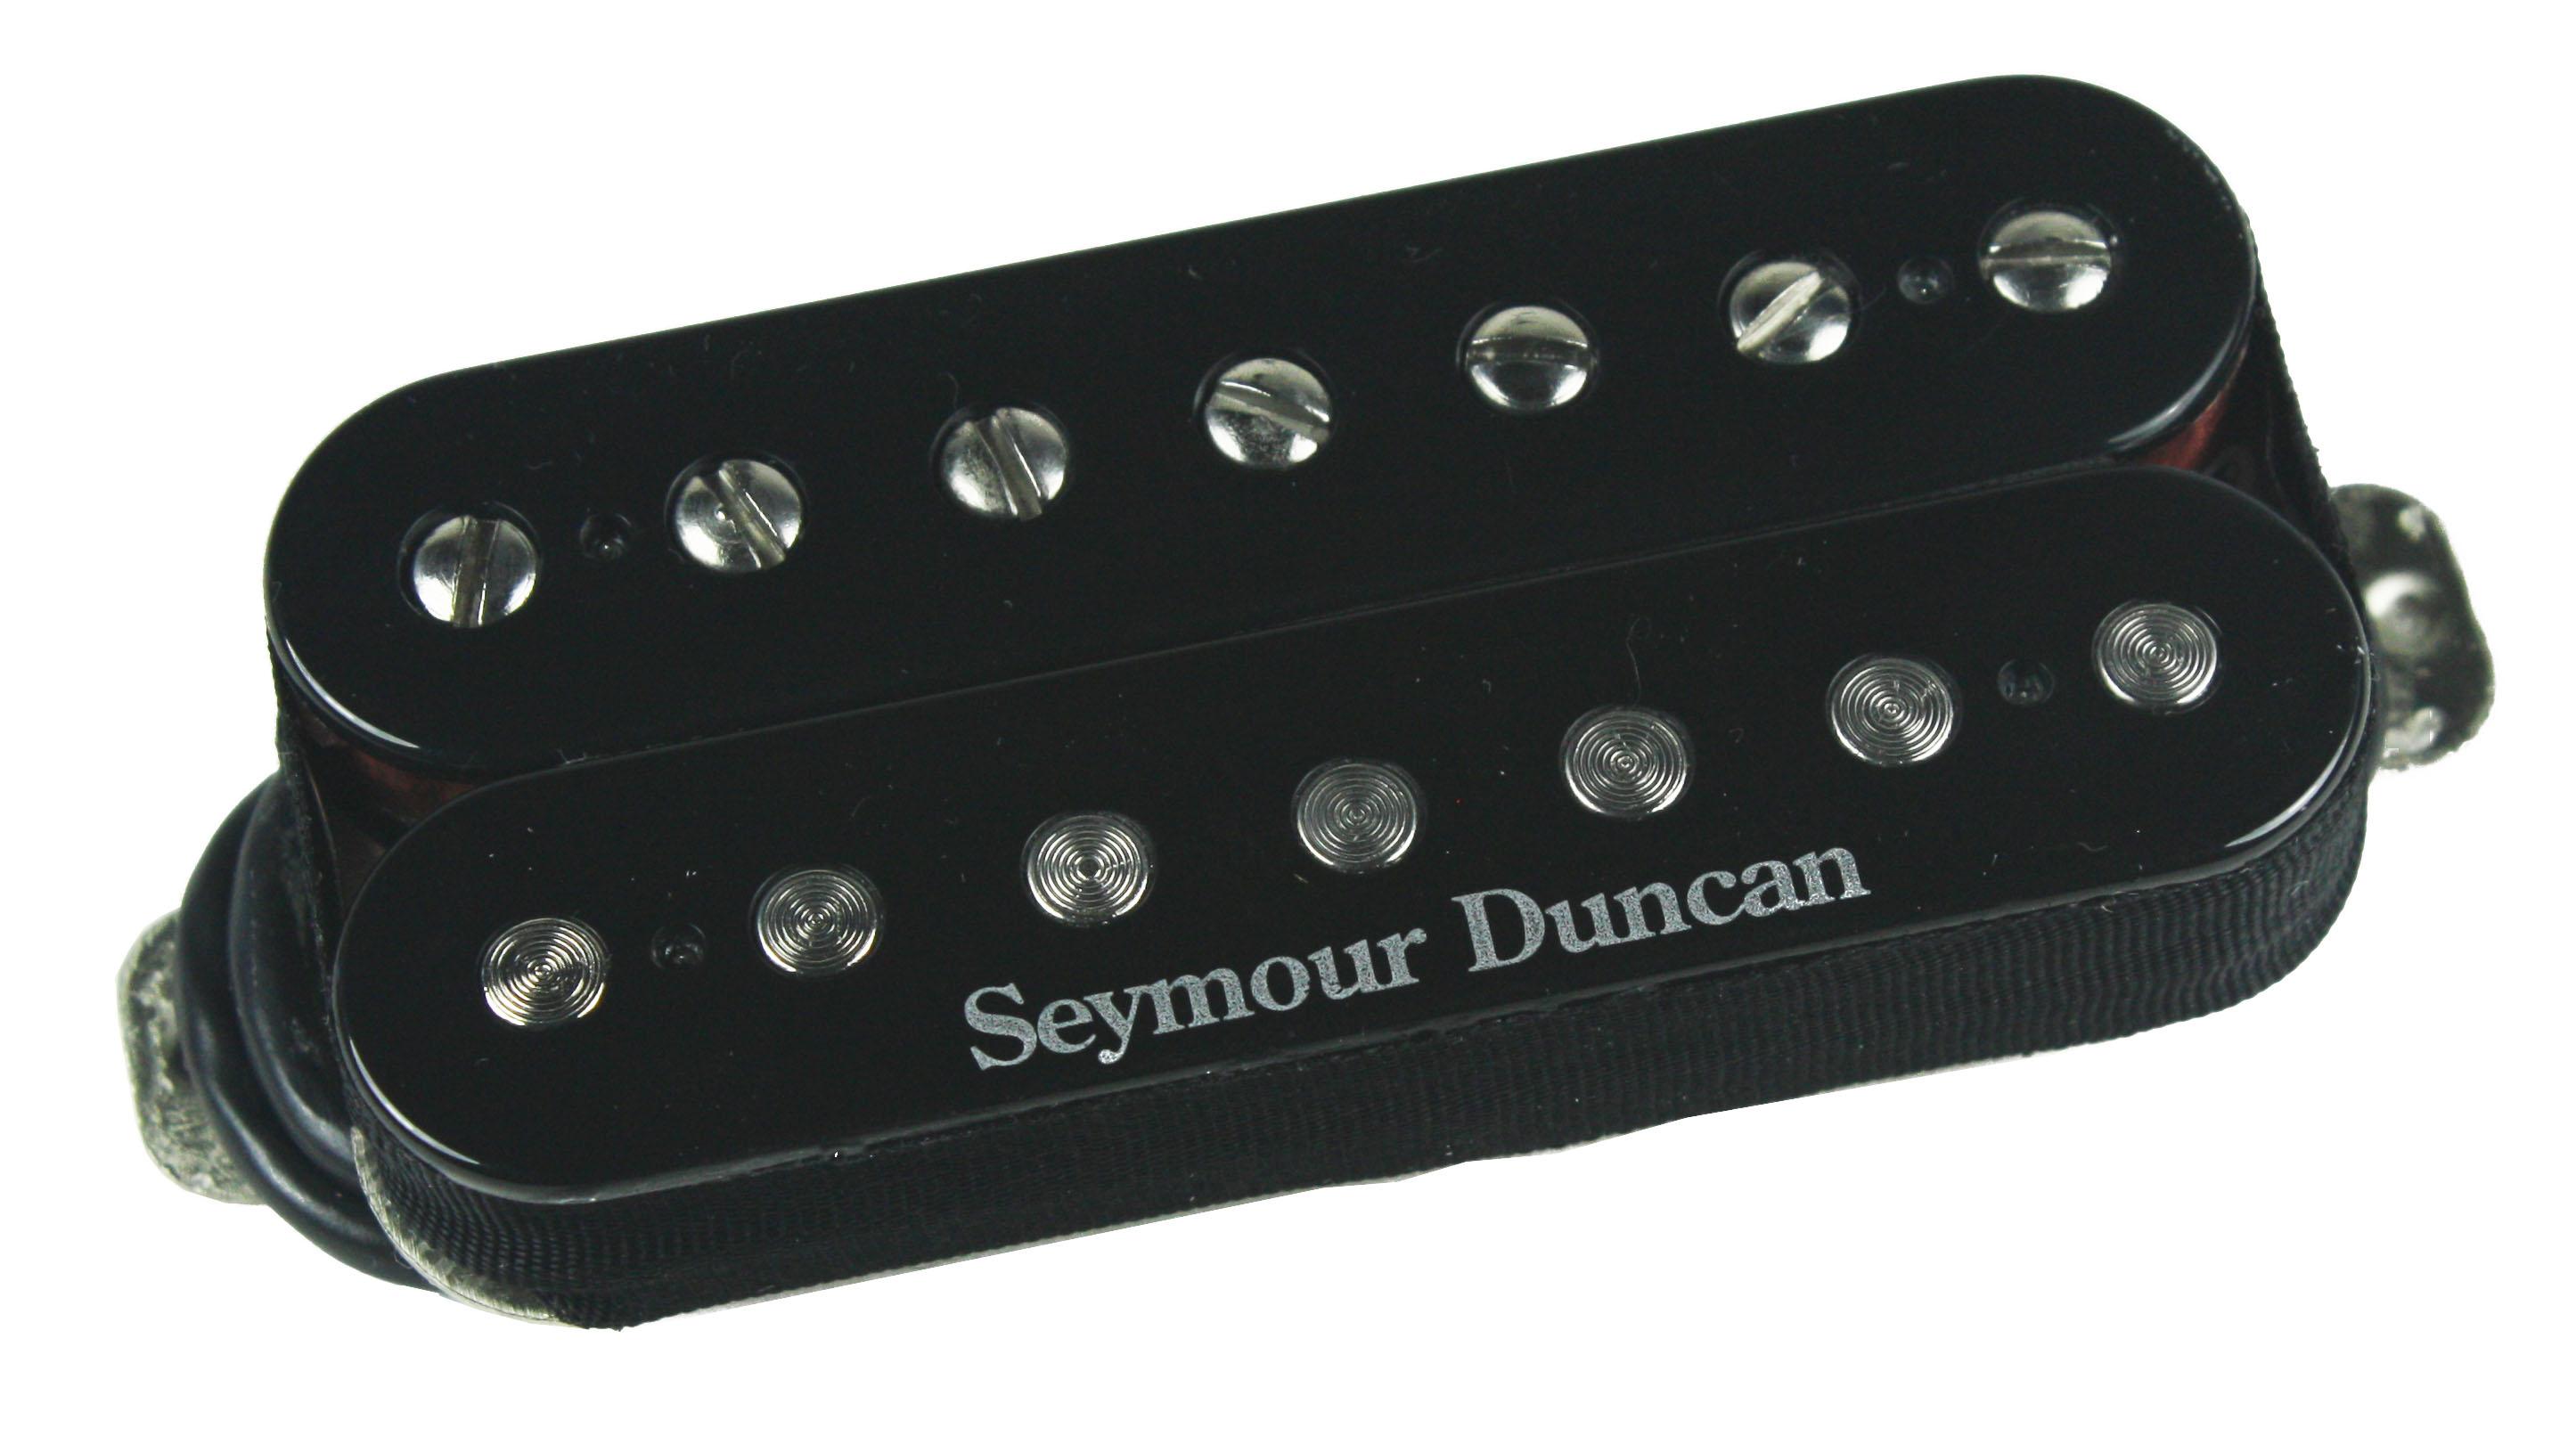 Seymour Duncan SH-1n '59 Model Neck Pickup for 7-String, Black